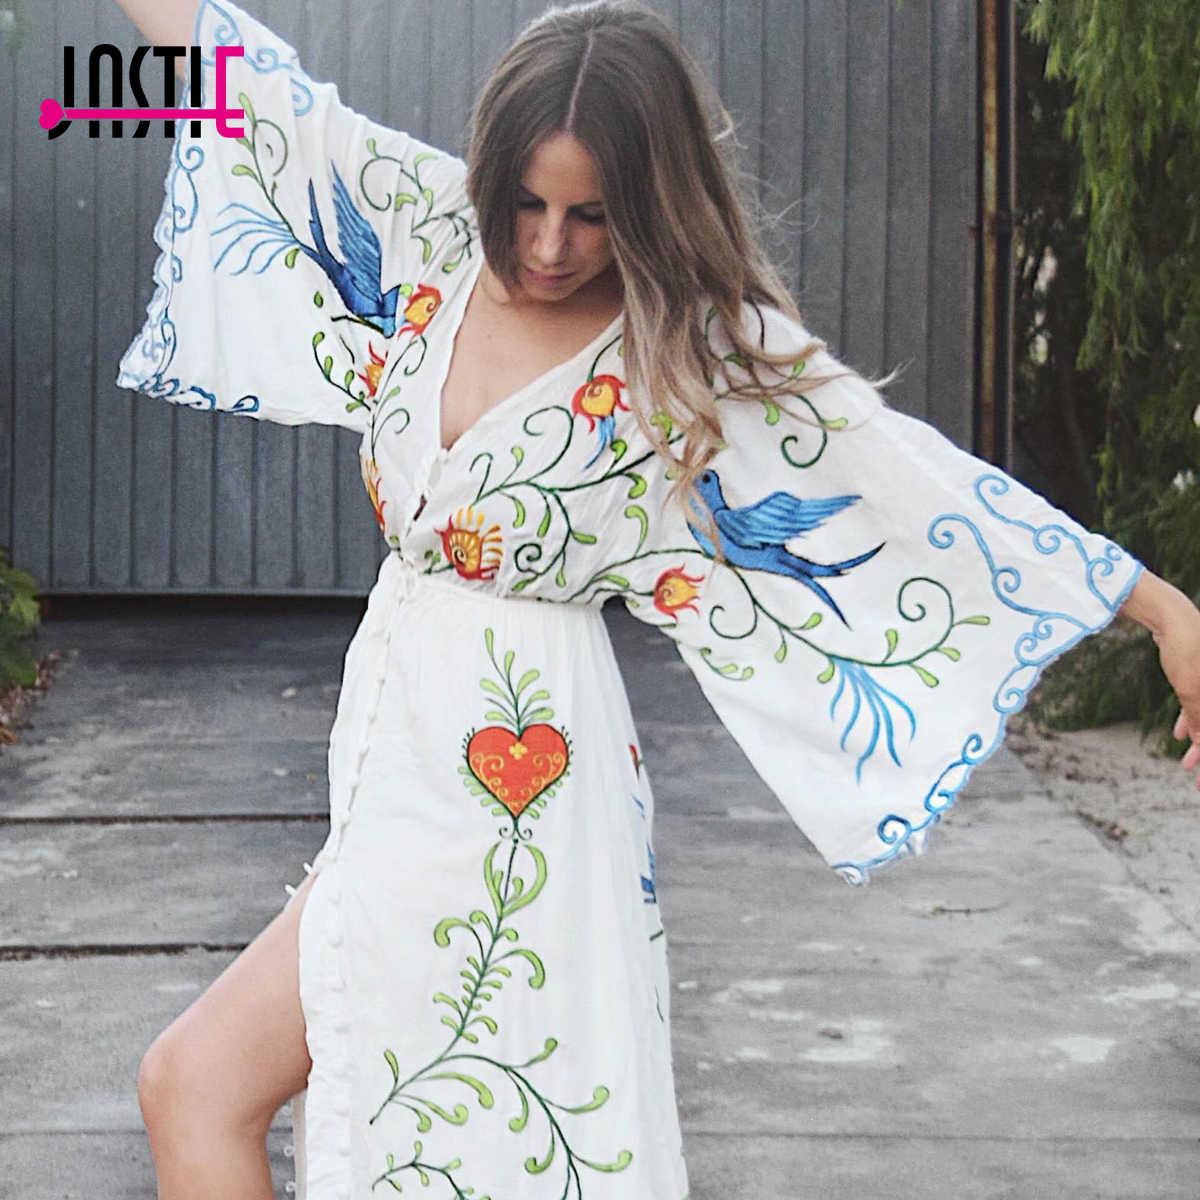 Jastie 刺繍女性マキシドレス V ネックバットウィングスリーブルーズプラスサイズ夏ドレス巾着ウエスト自由奔放に生きるビーチ Vestidos